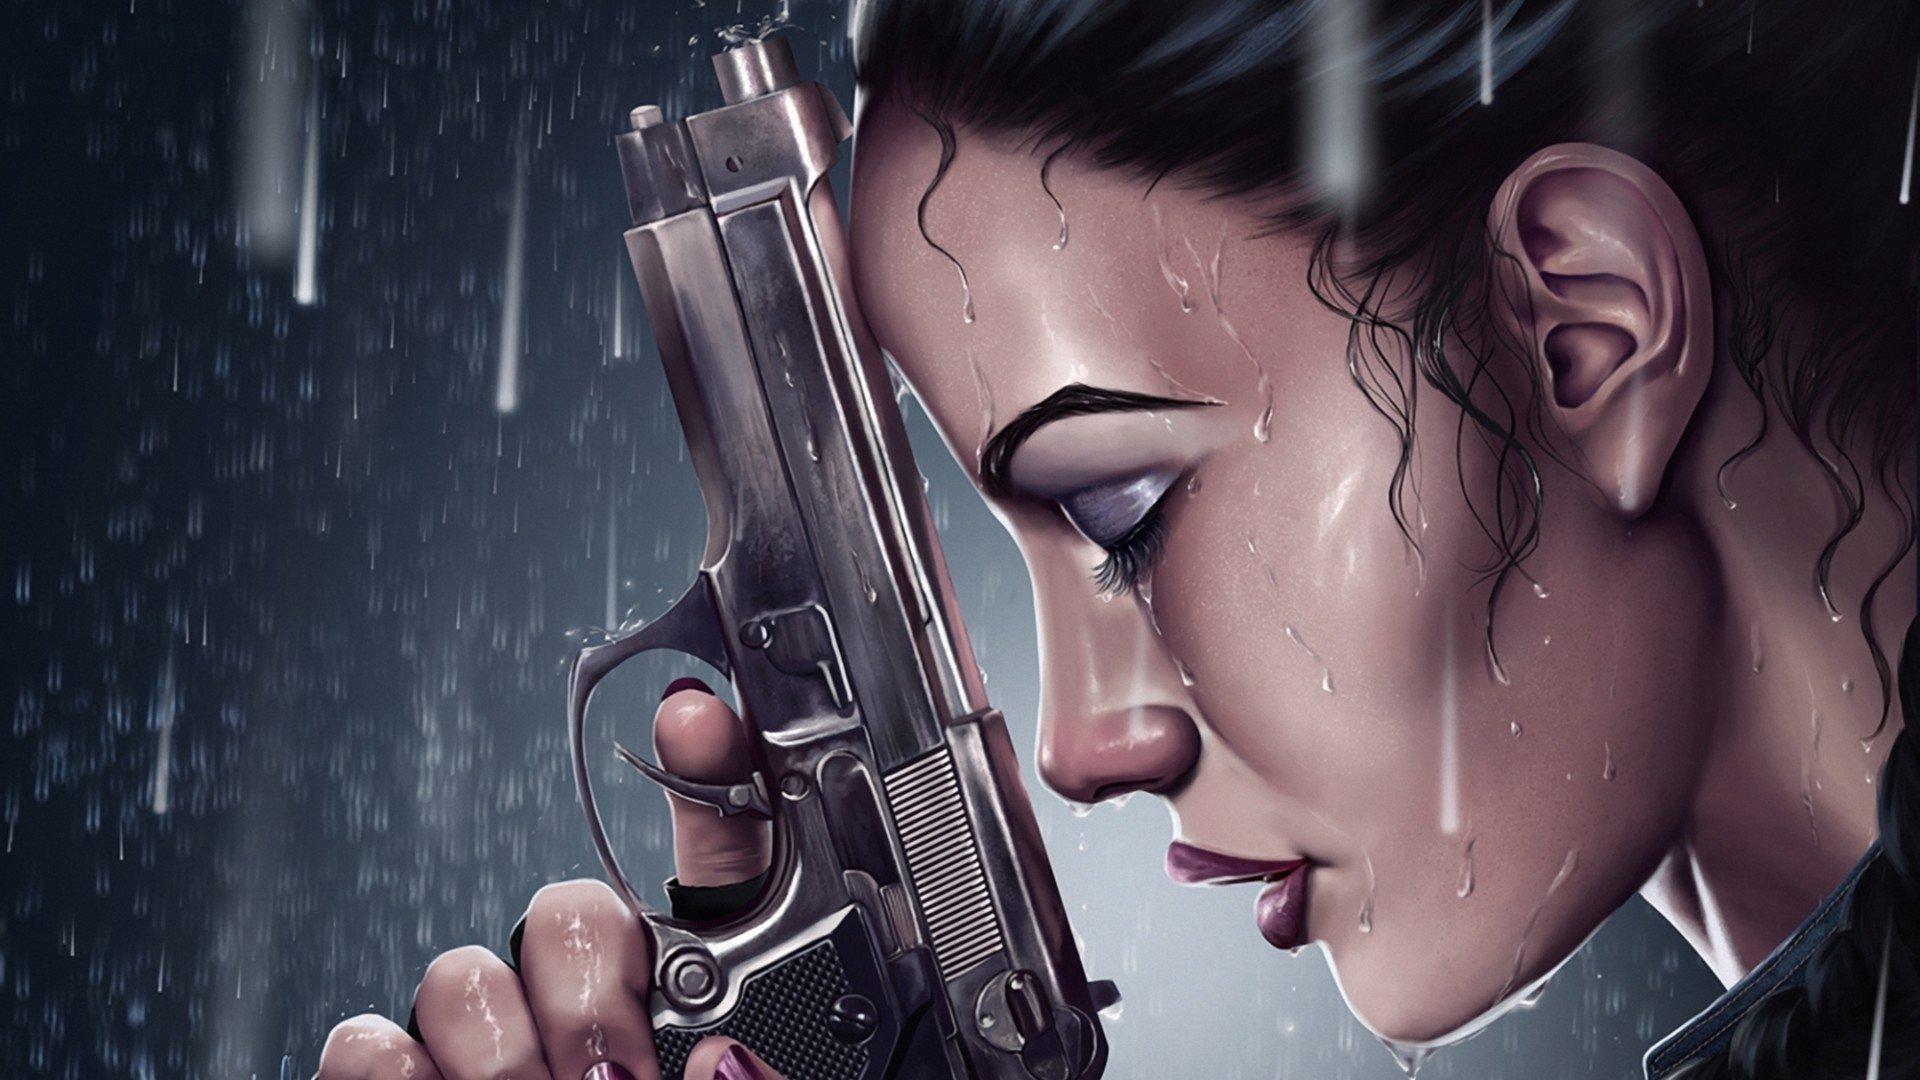 科幻 - 女战士  壁纸